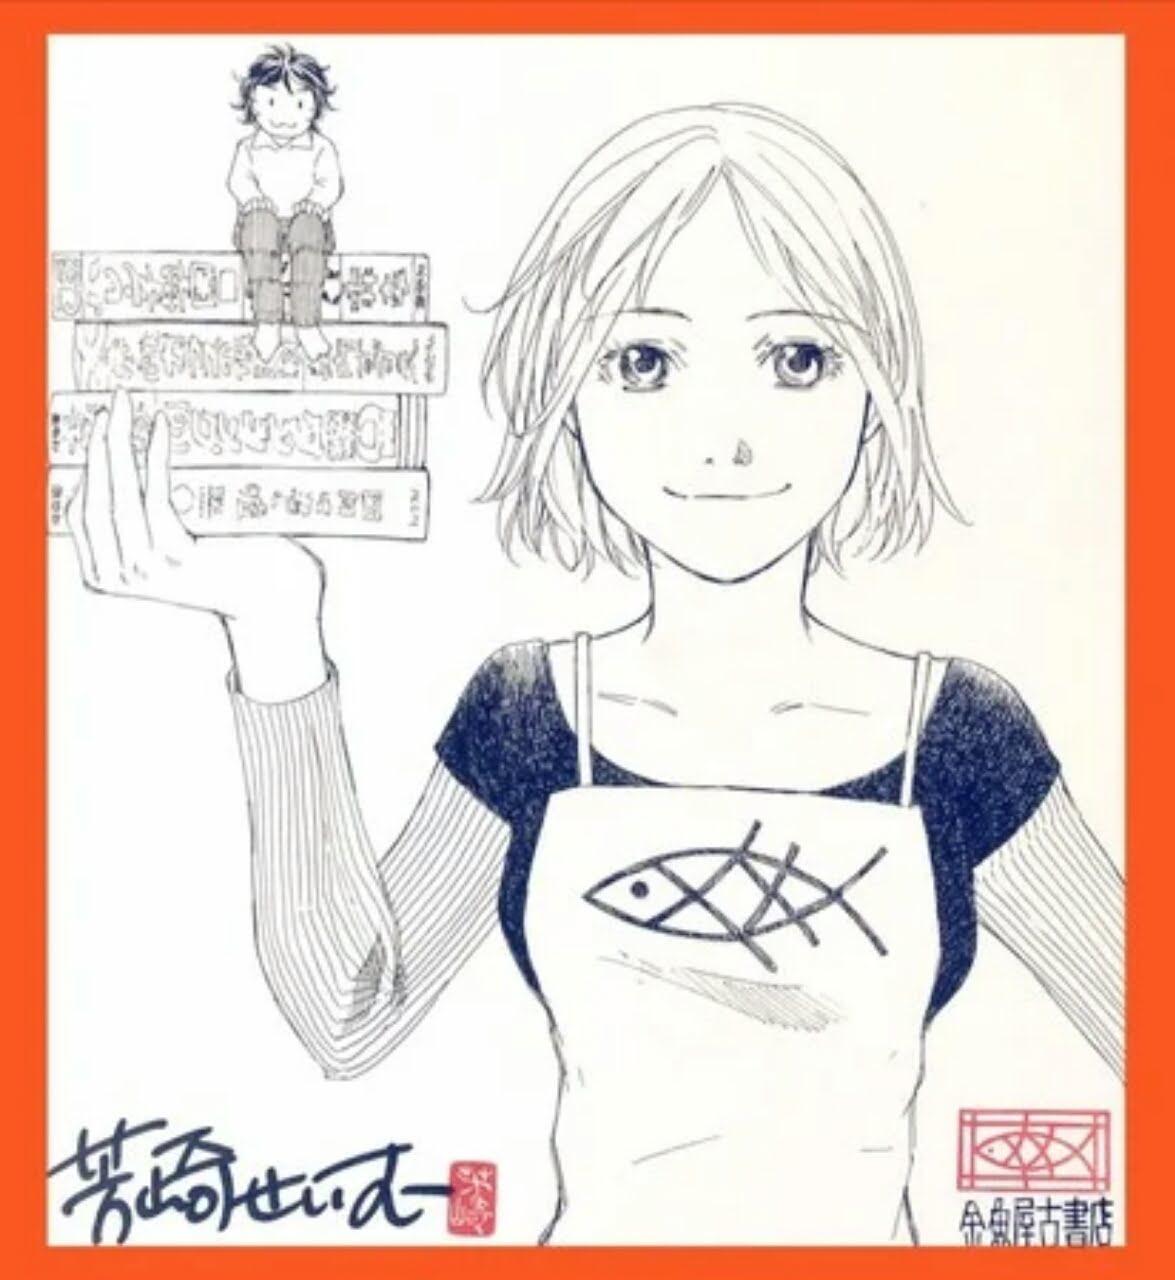 Manga Kingyo Used Books Akan Berakhir Dalam Volume Ke-17 1